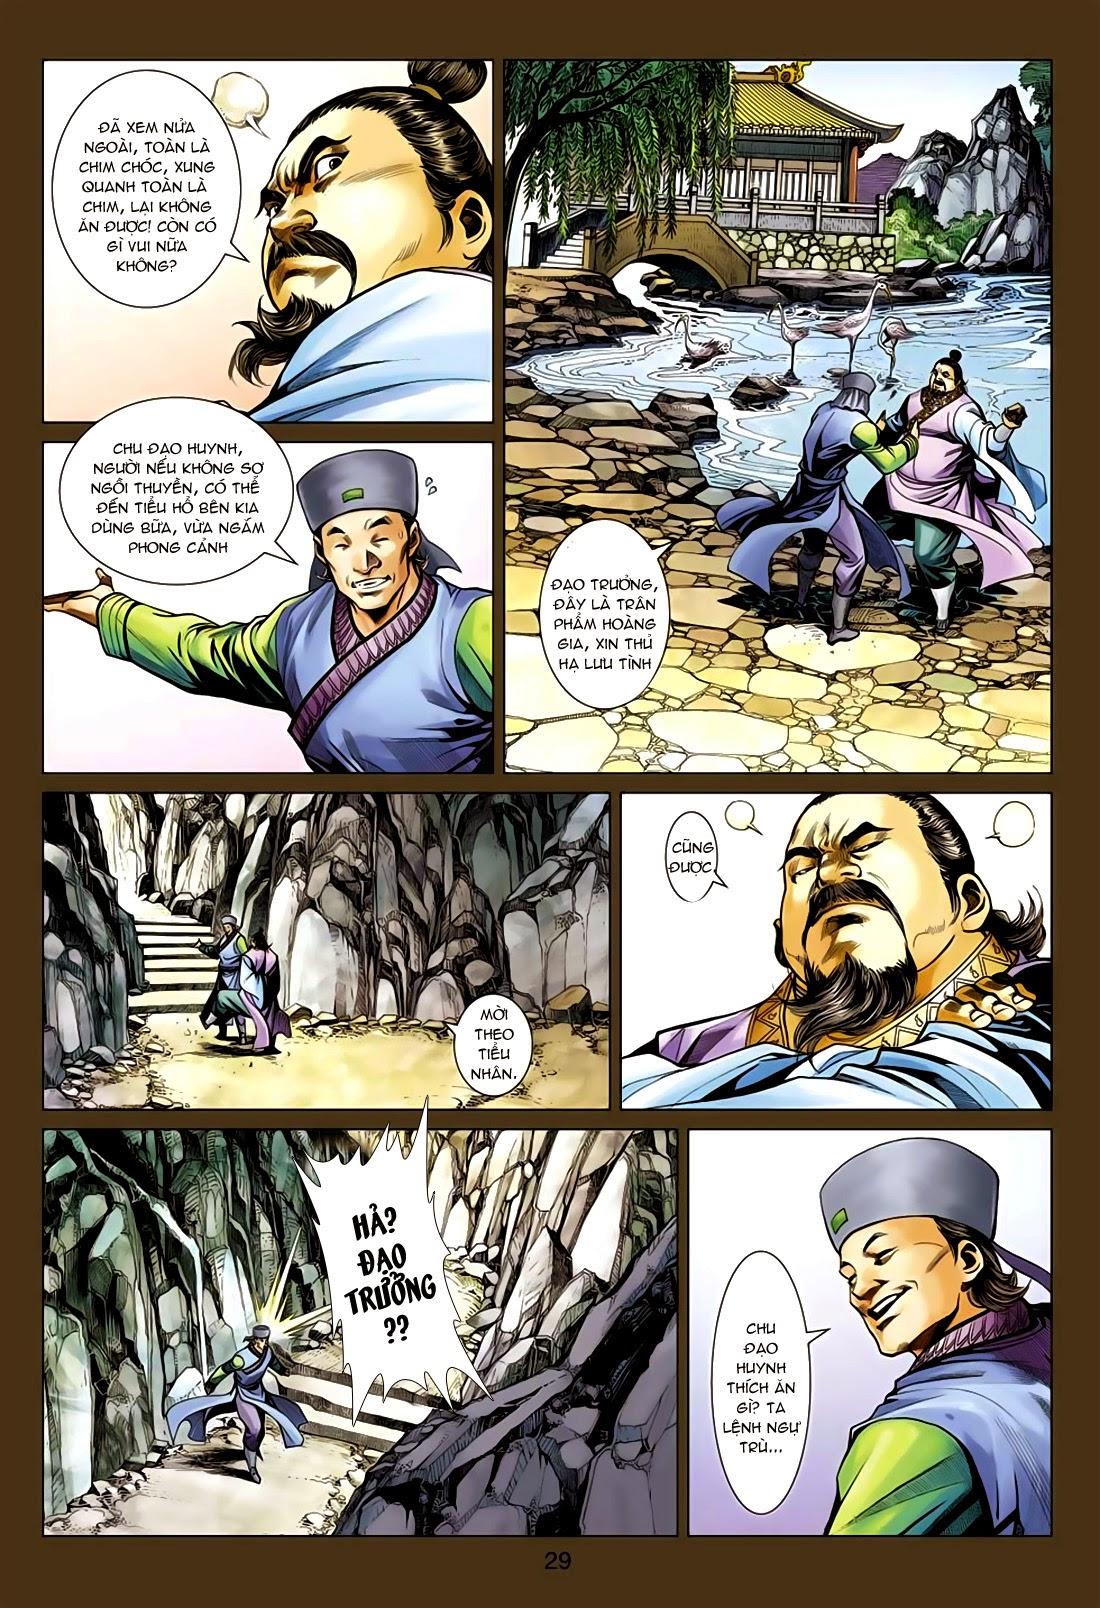 xem truyen moi - Anh Hùng Xạ Điêu - Chapter 75: Hoàng Thành cựu sự